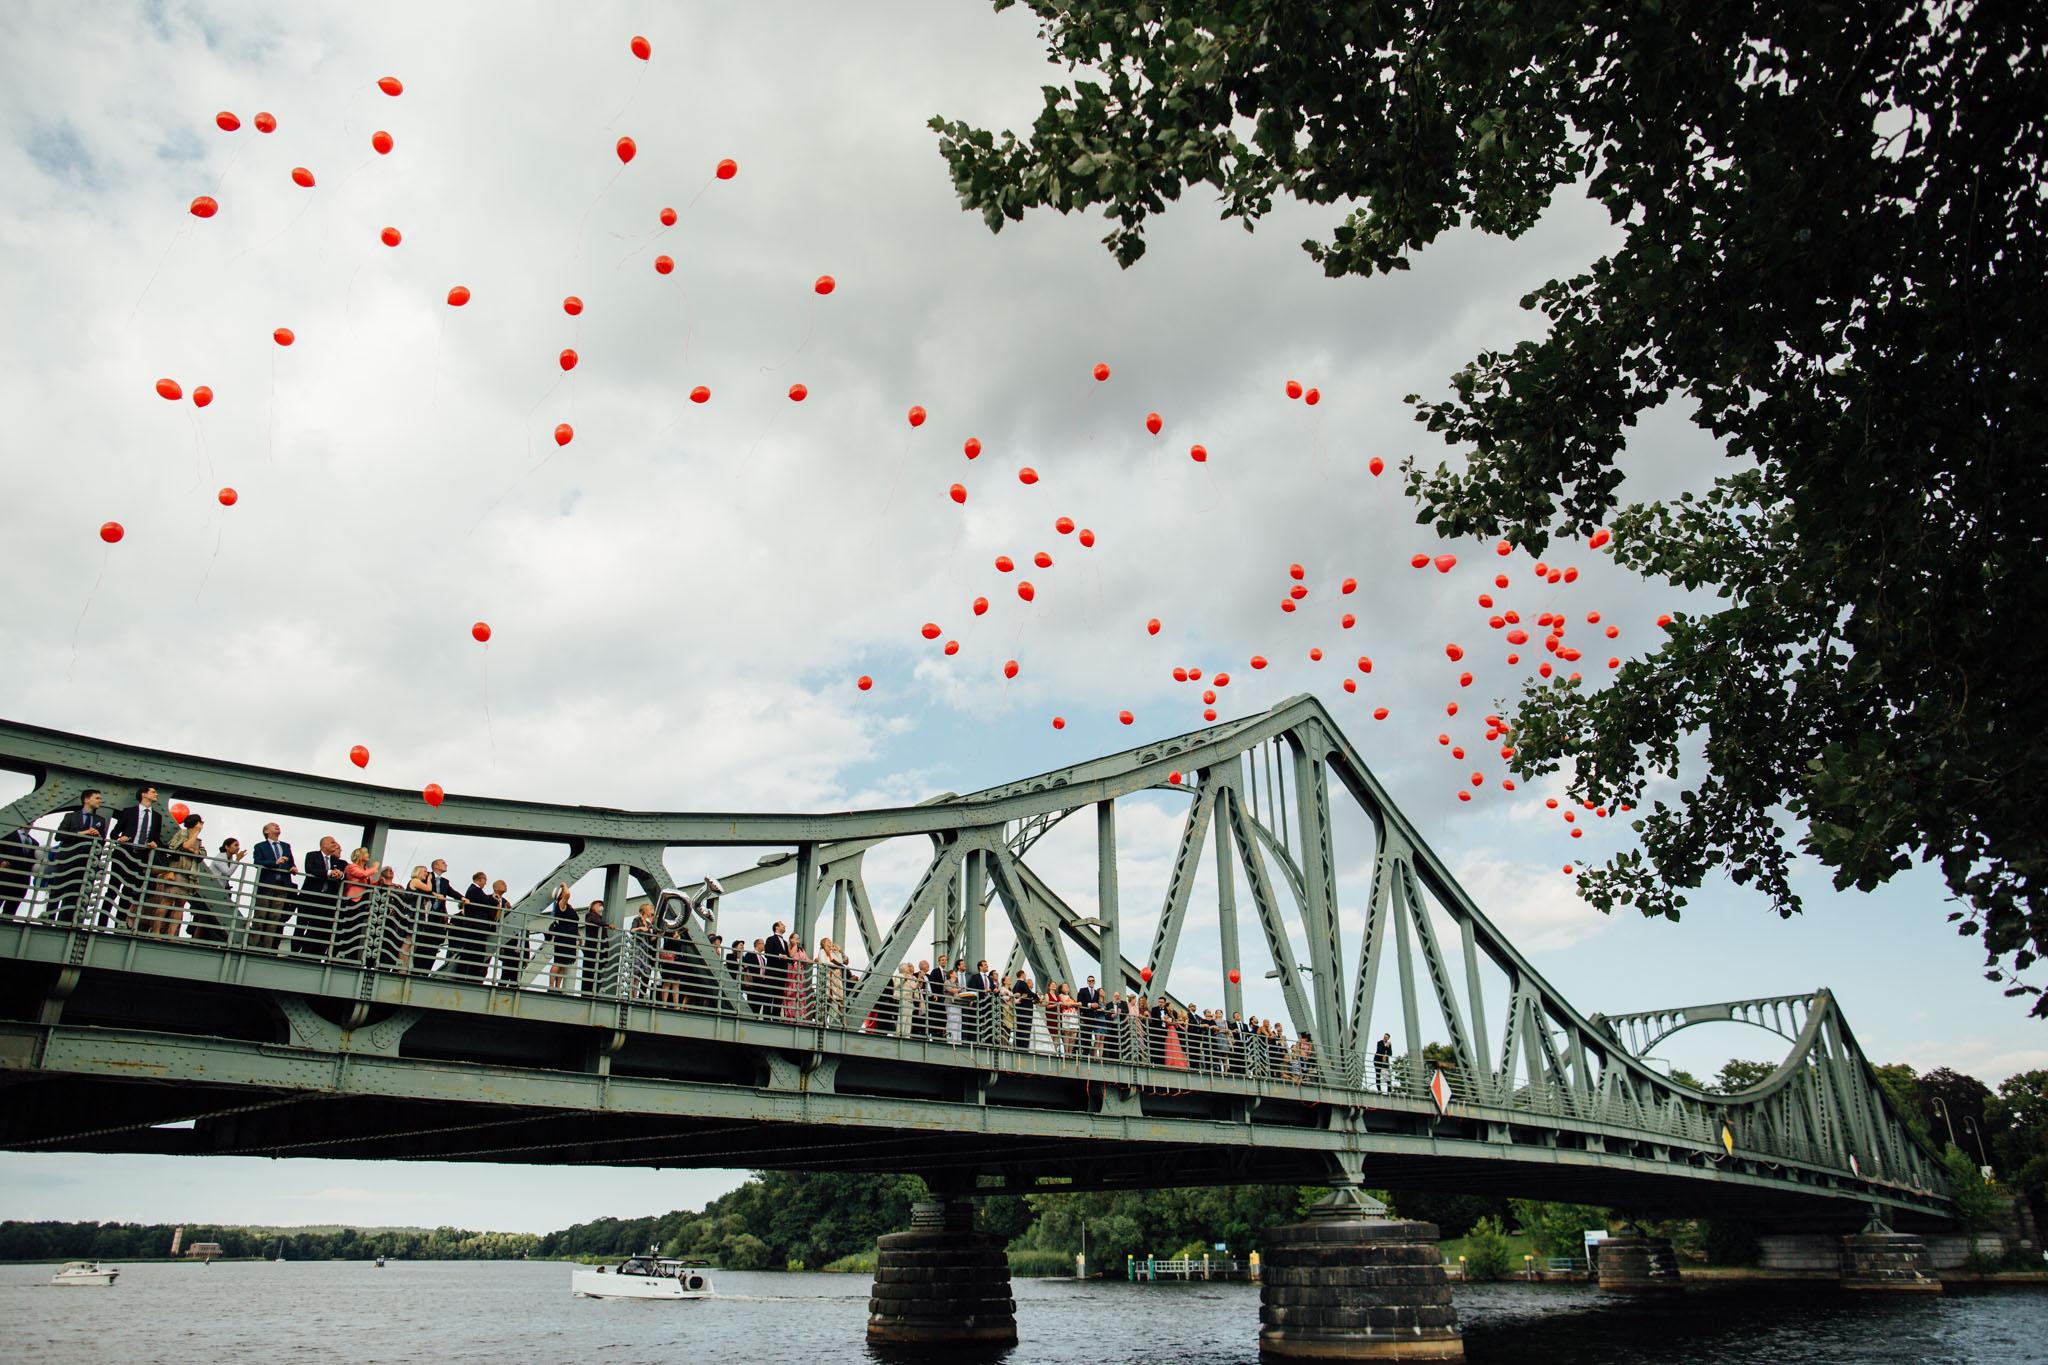 berlin-ballons-hochzeit-rot-bruecke